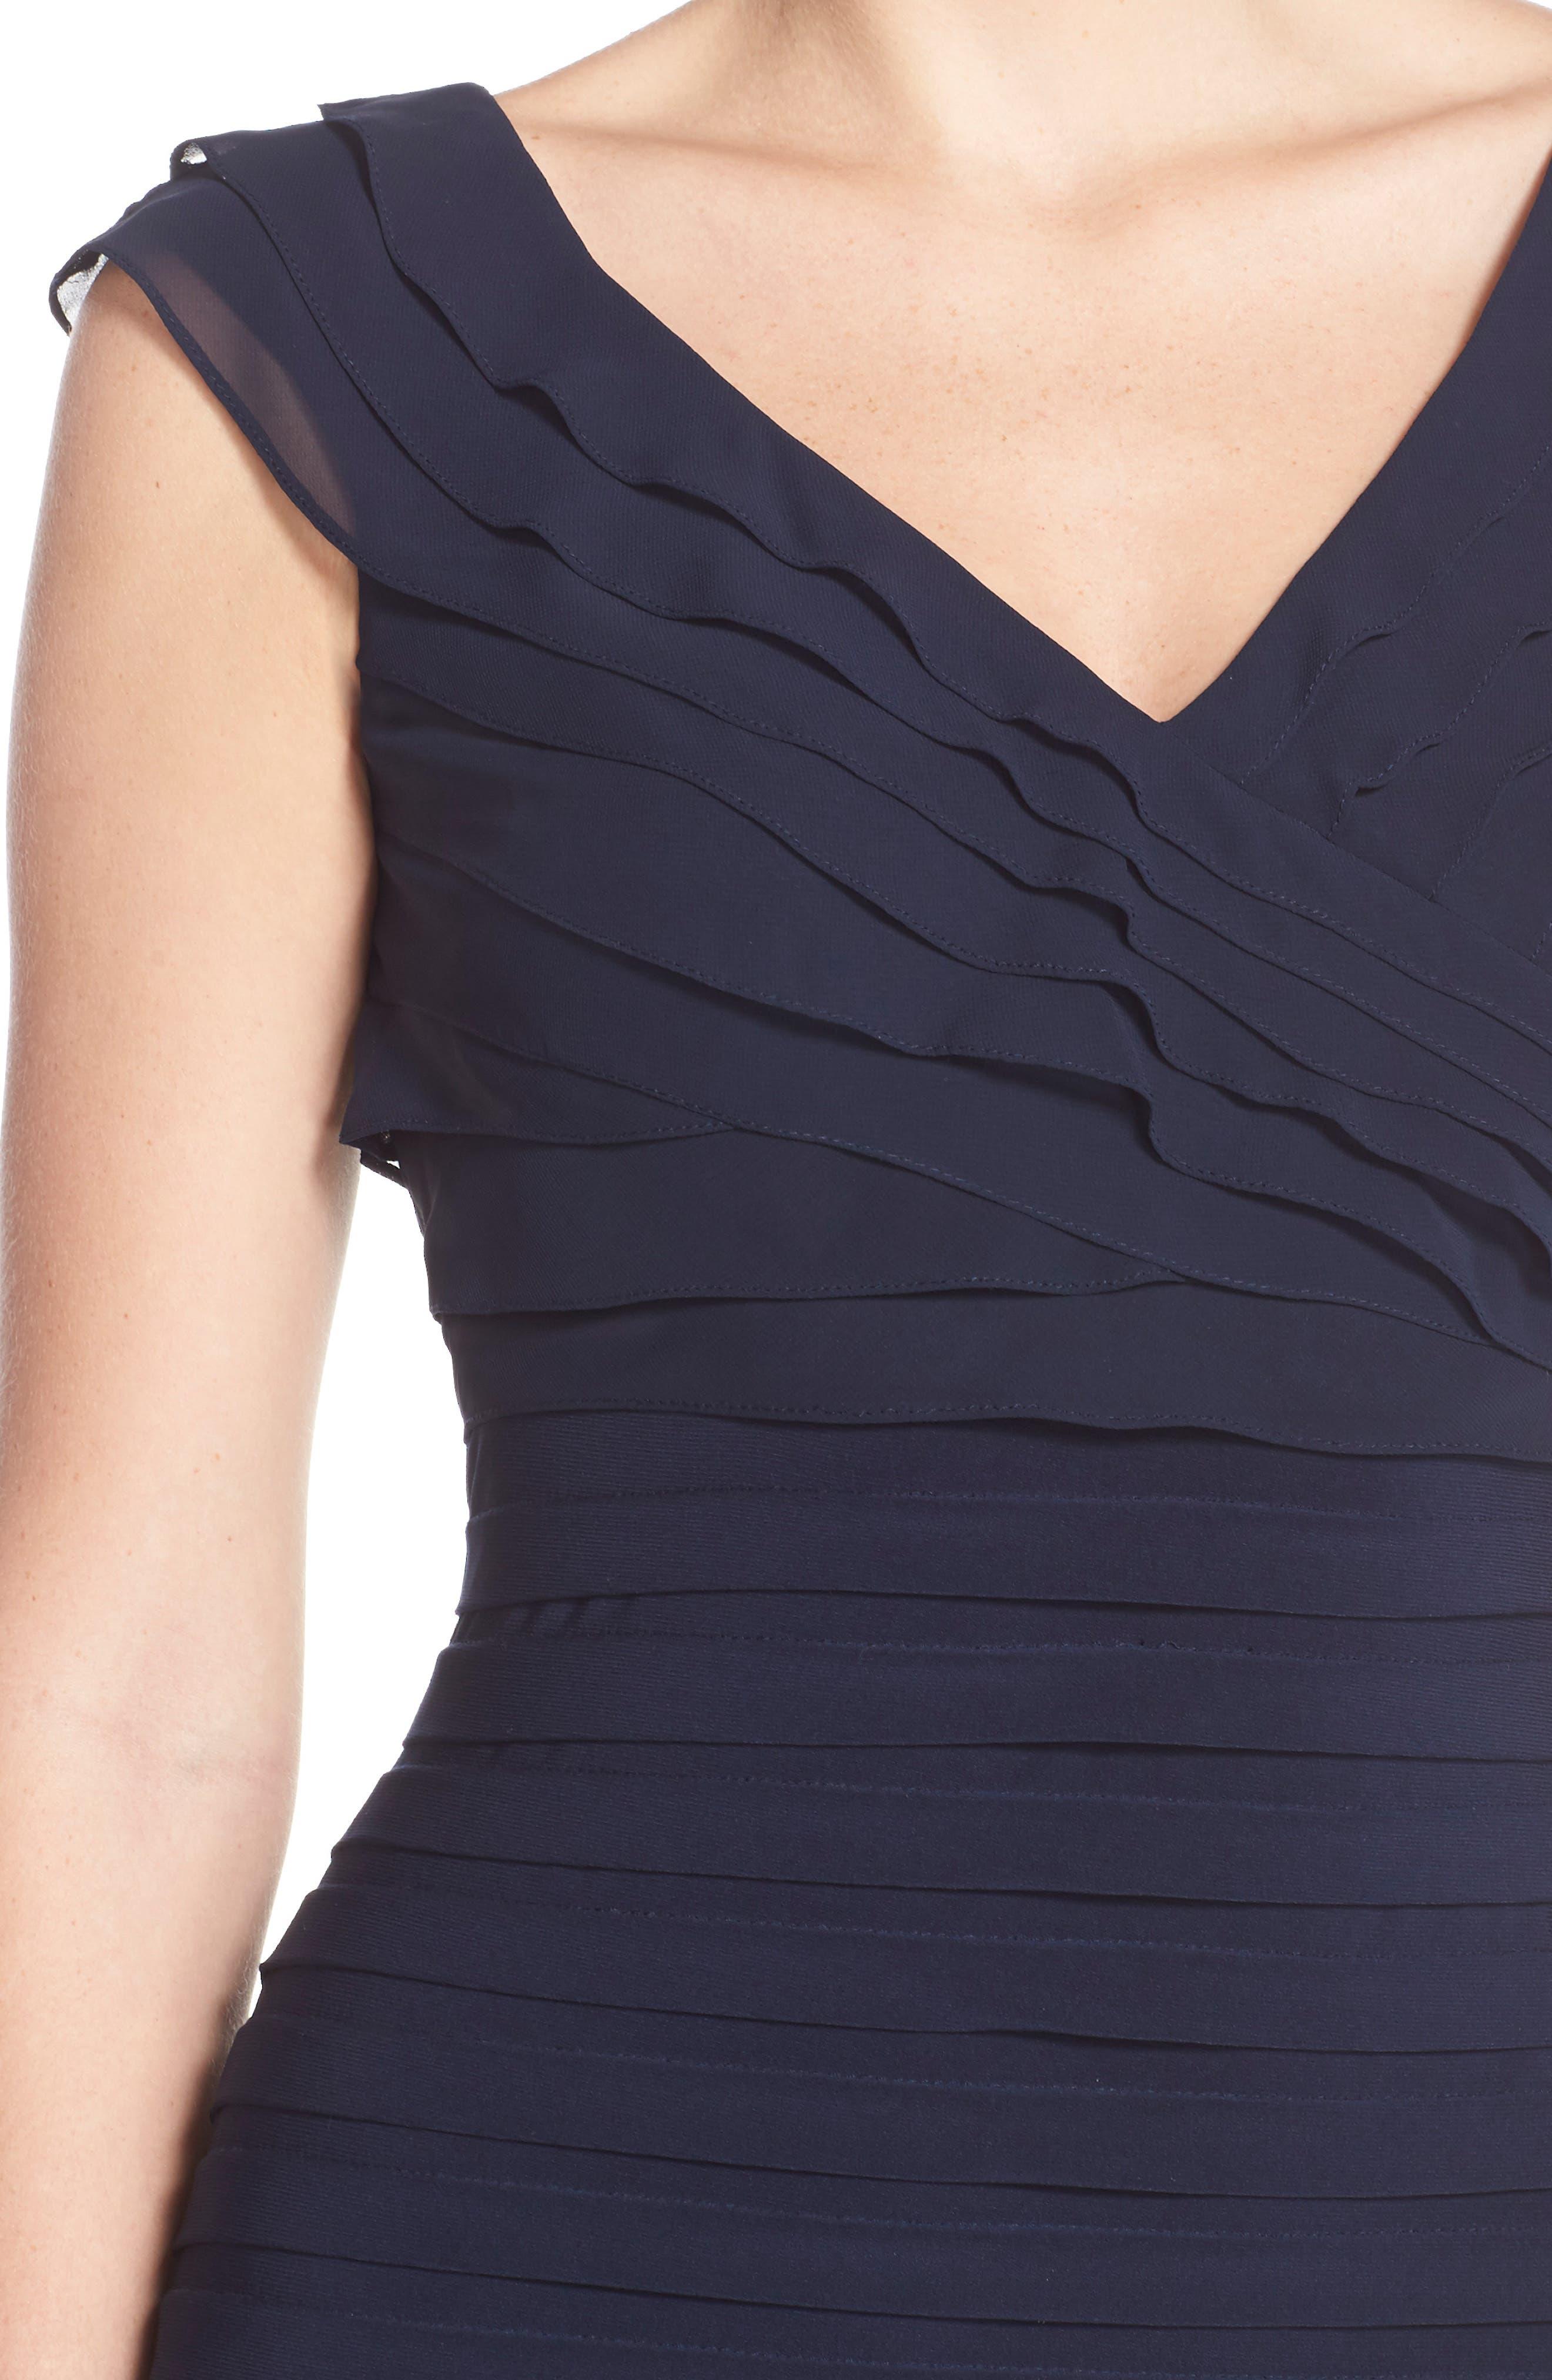 Chiffon & Jersey Sheath Dress,                             Alternate thumbnail 5, color,                             408